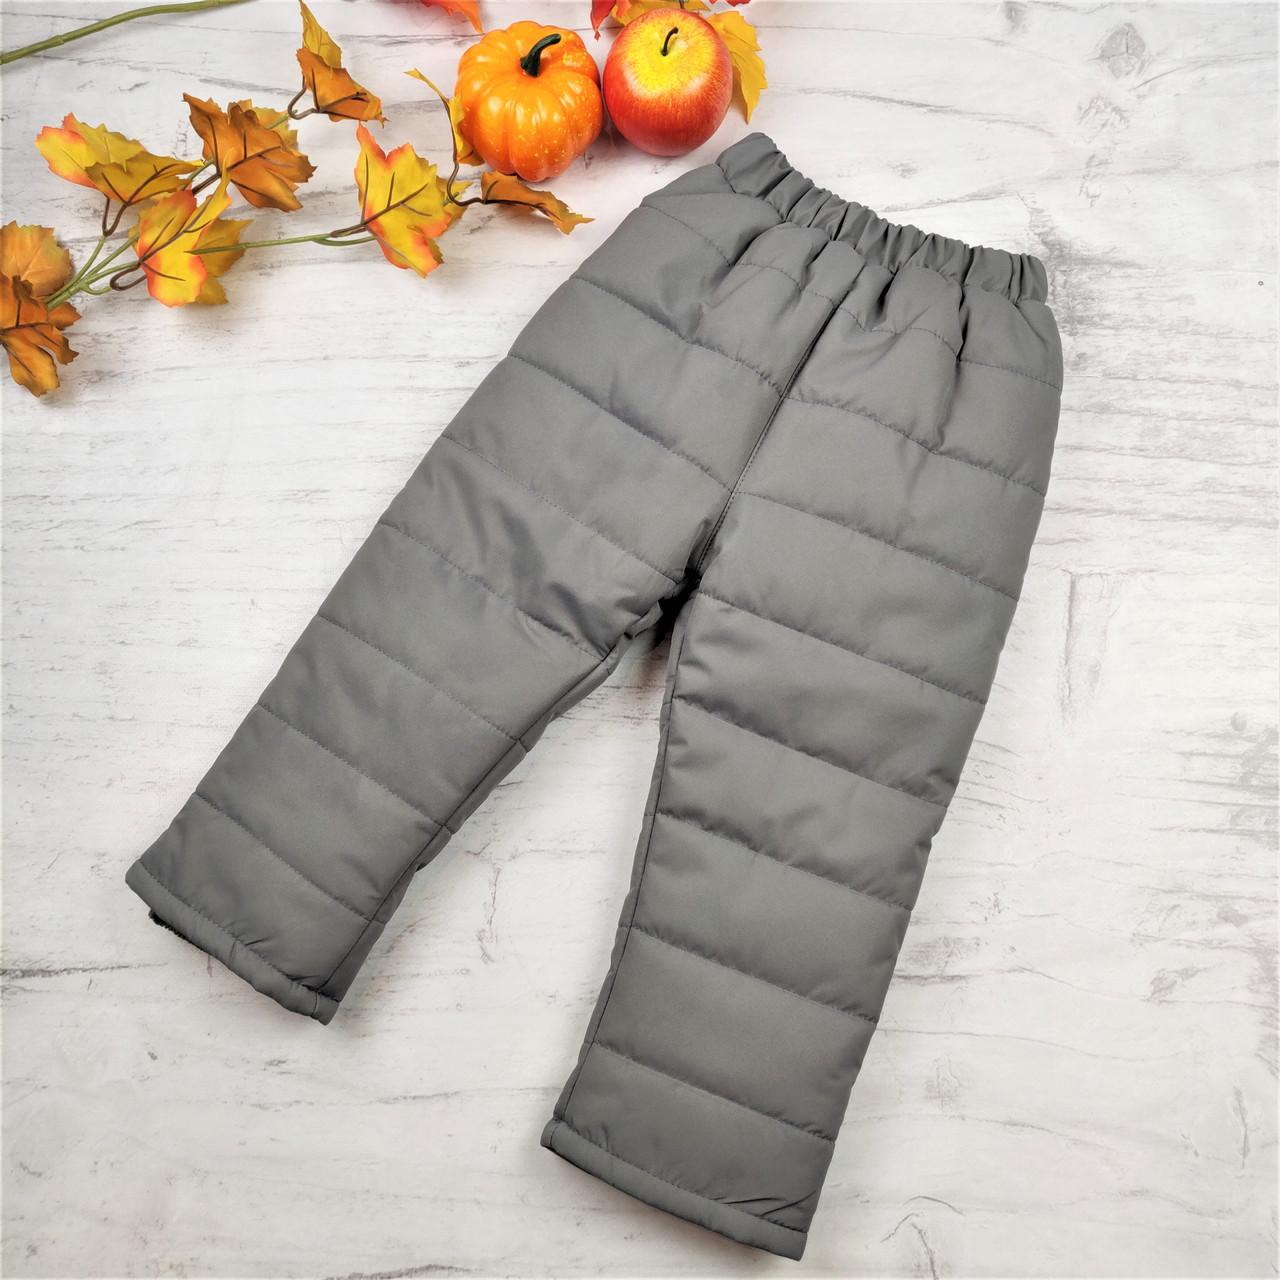 Детские зимние болоневые штаны 98,104,110,116,122,128,134,140